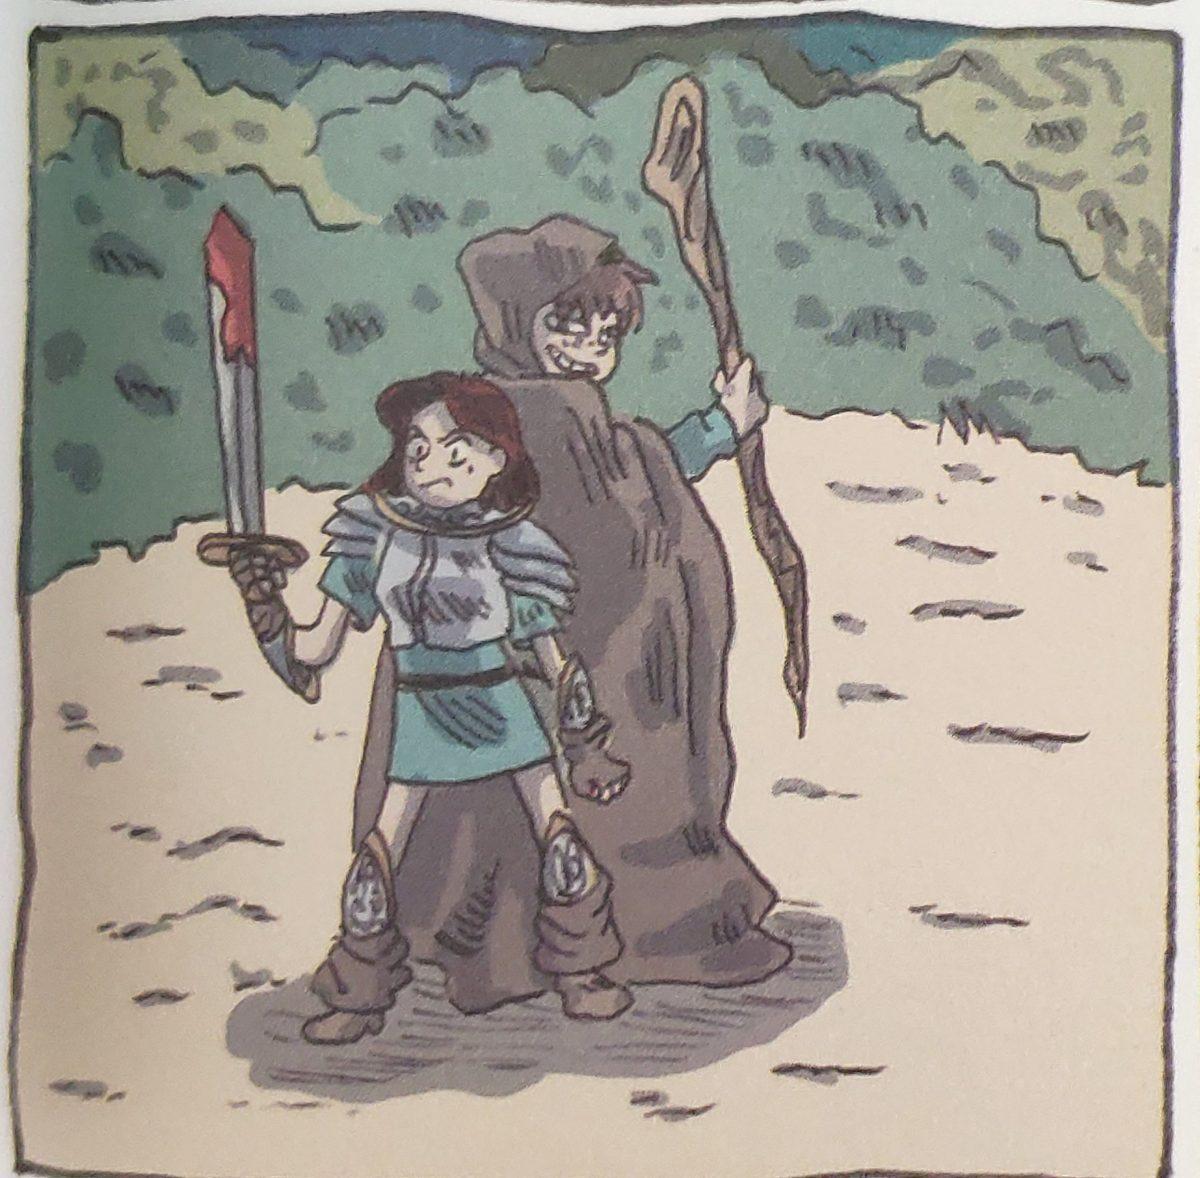 Mio caro fumetto... - Lucía e Fede combattono i mostri con l'arma della fantasia: realismo magico in Giù le zampe